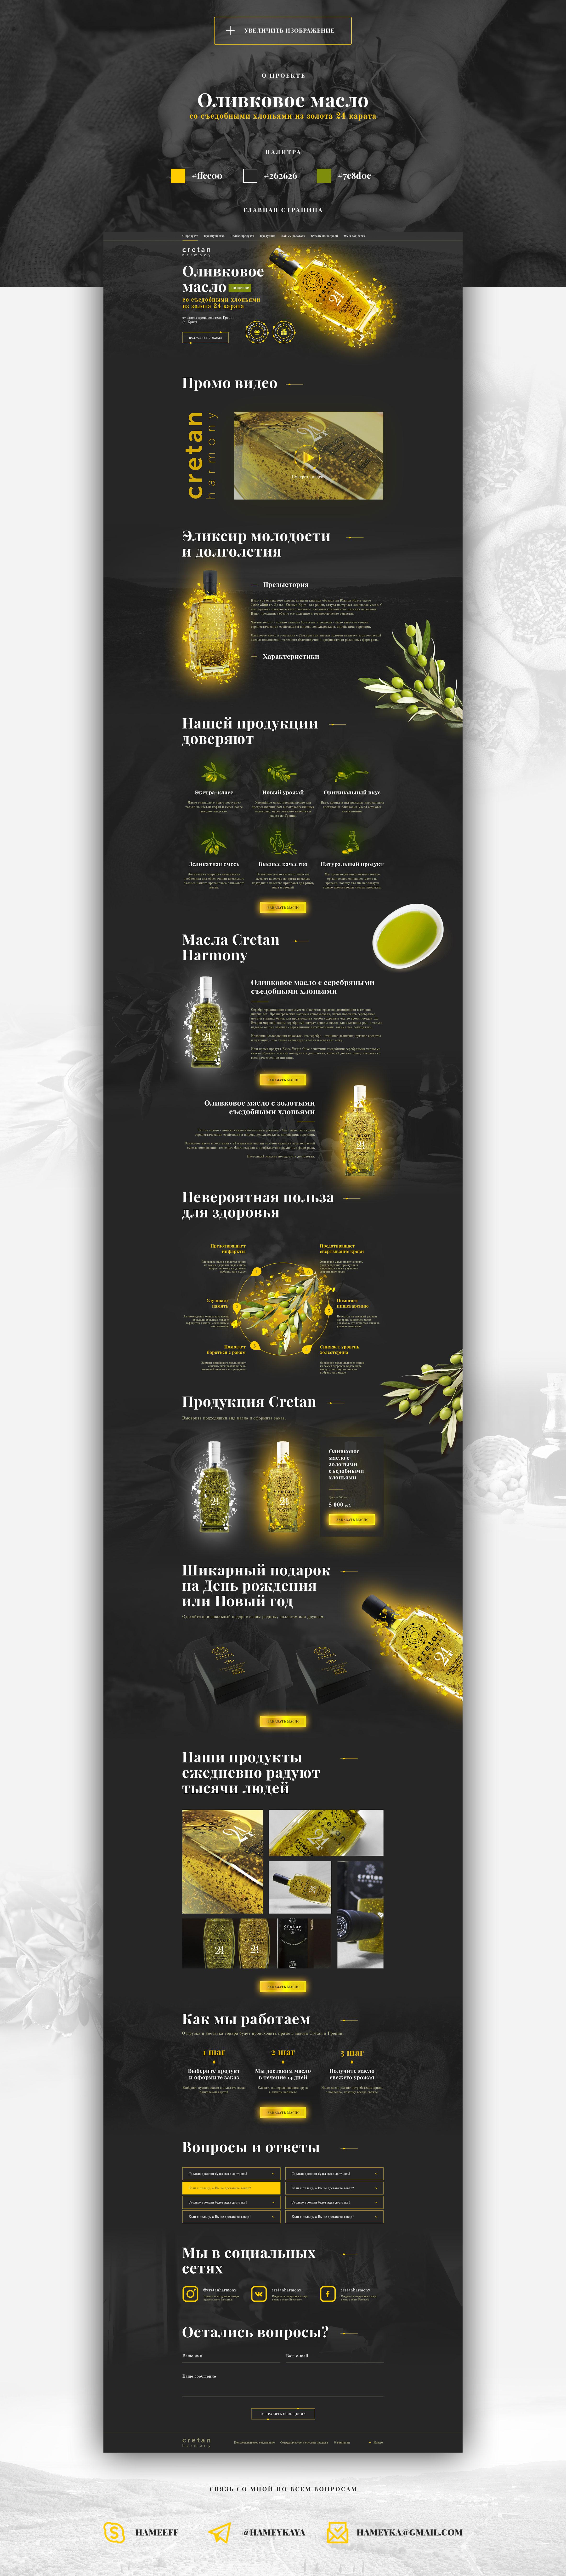 Cretan Harmony - оливковое масло с 24-каратным золотом